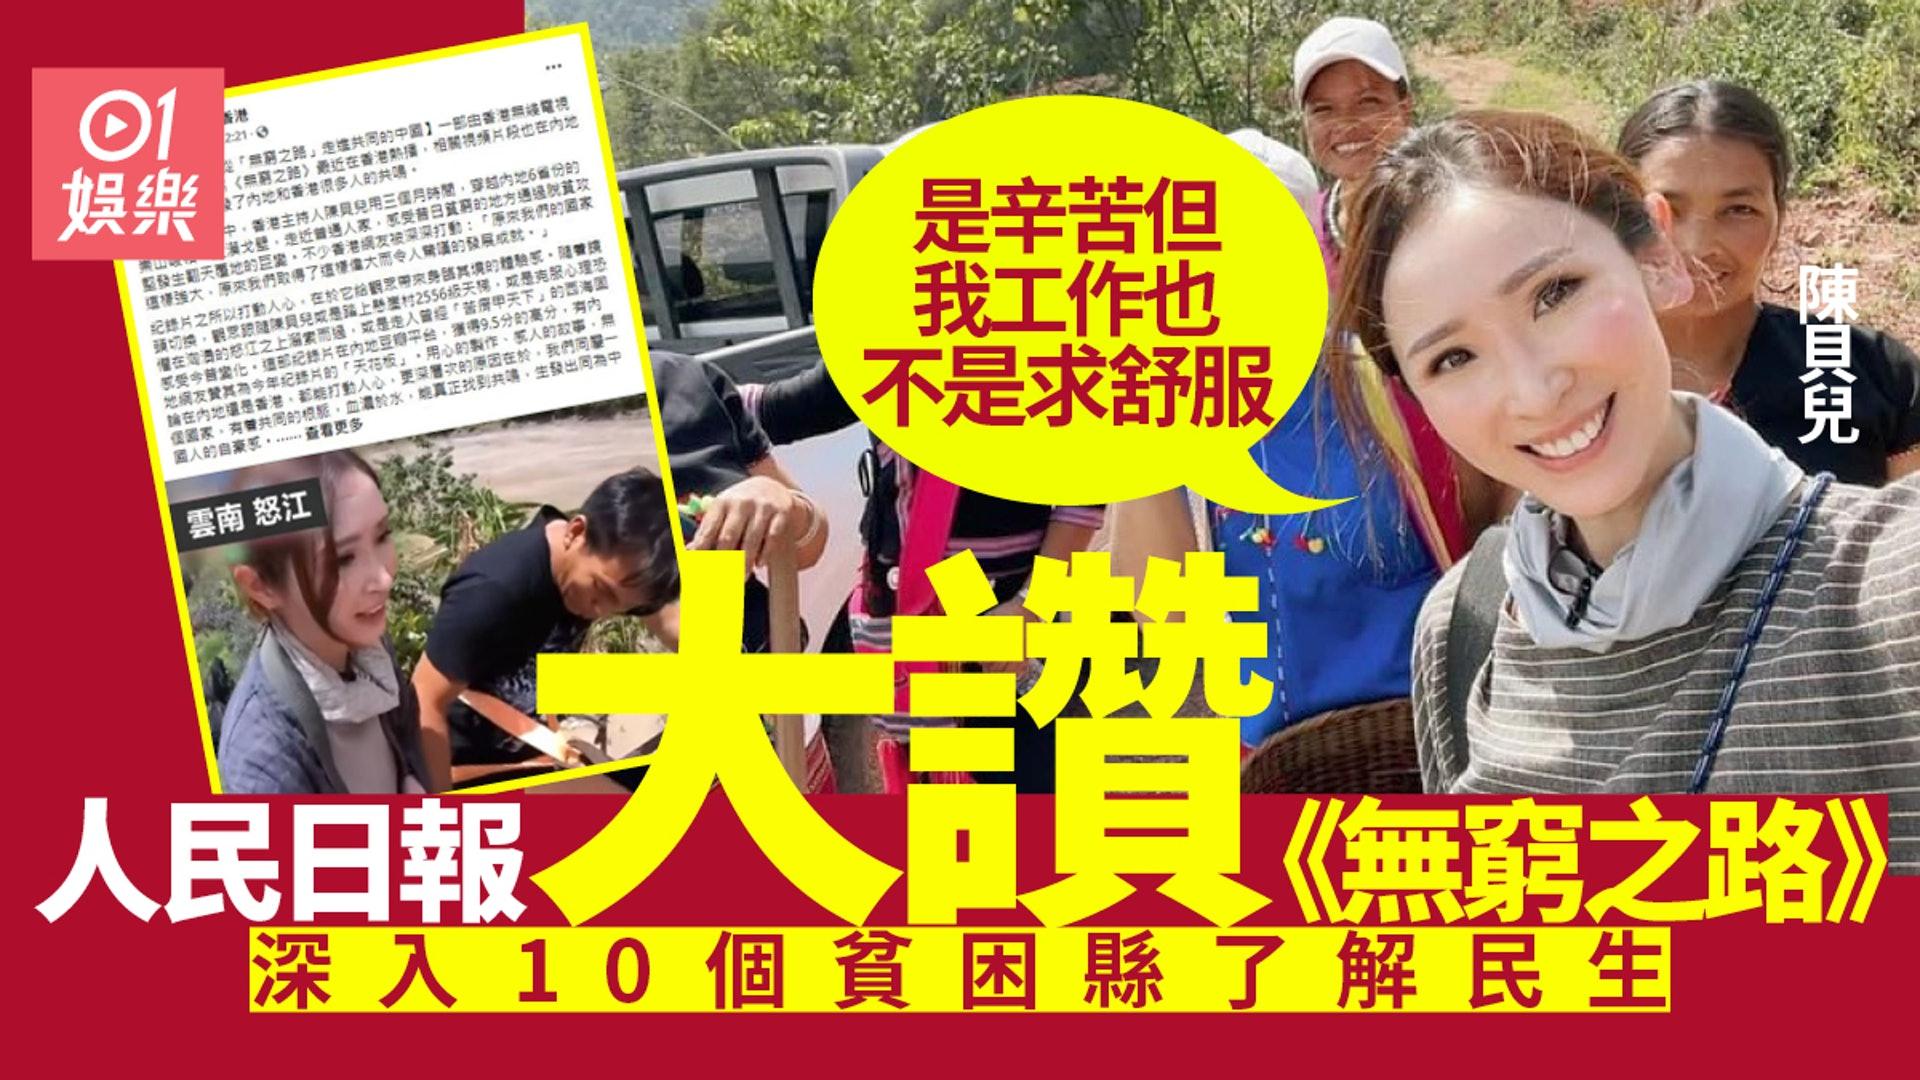 無窮之路︱人民日報大讚「打動人心」 陳貝兒:工作不是求舒服